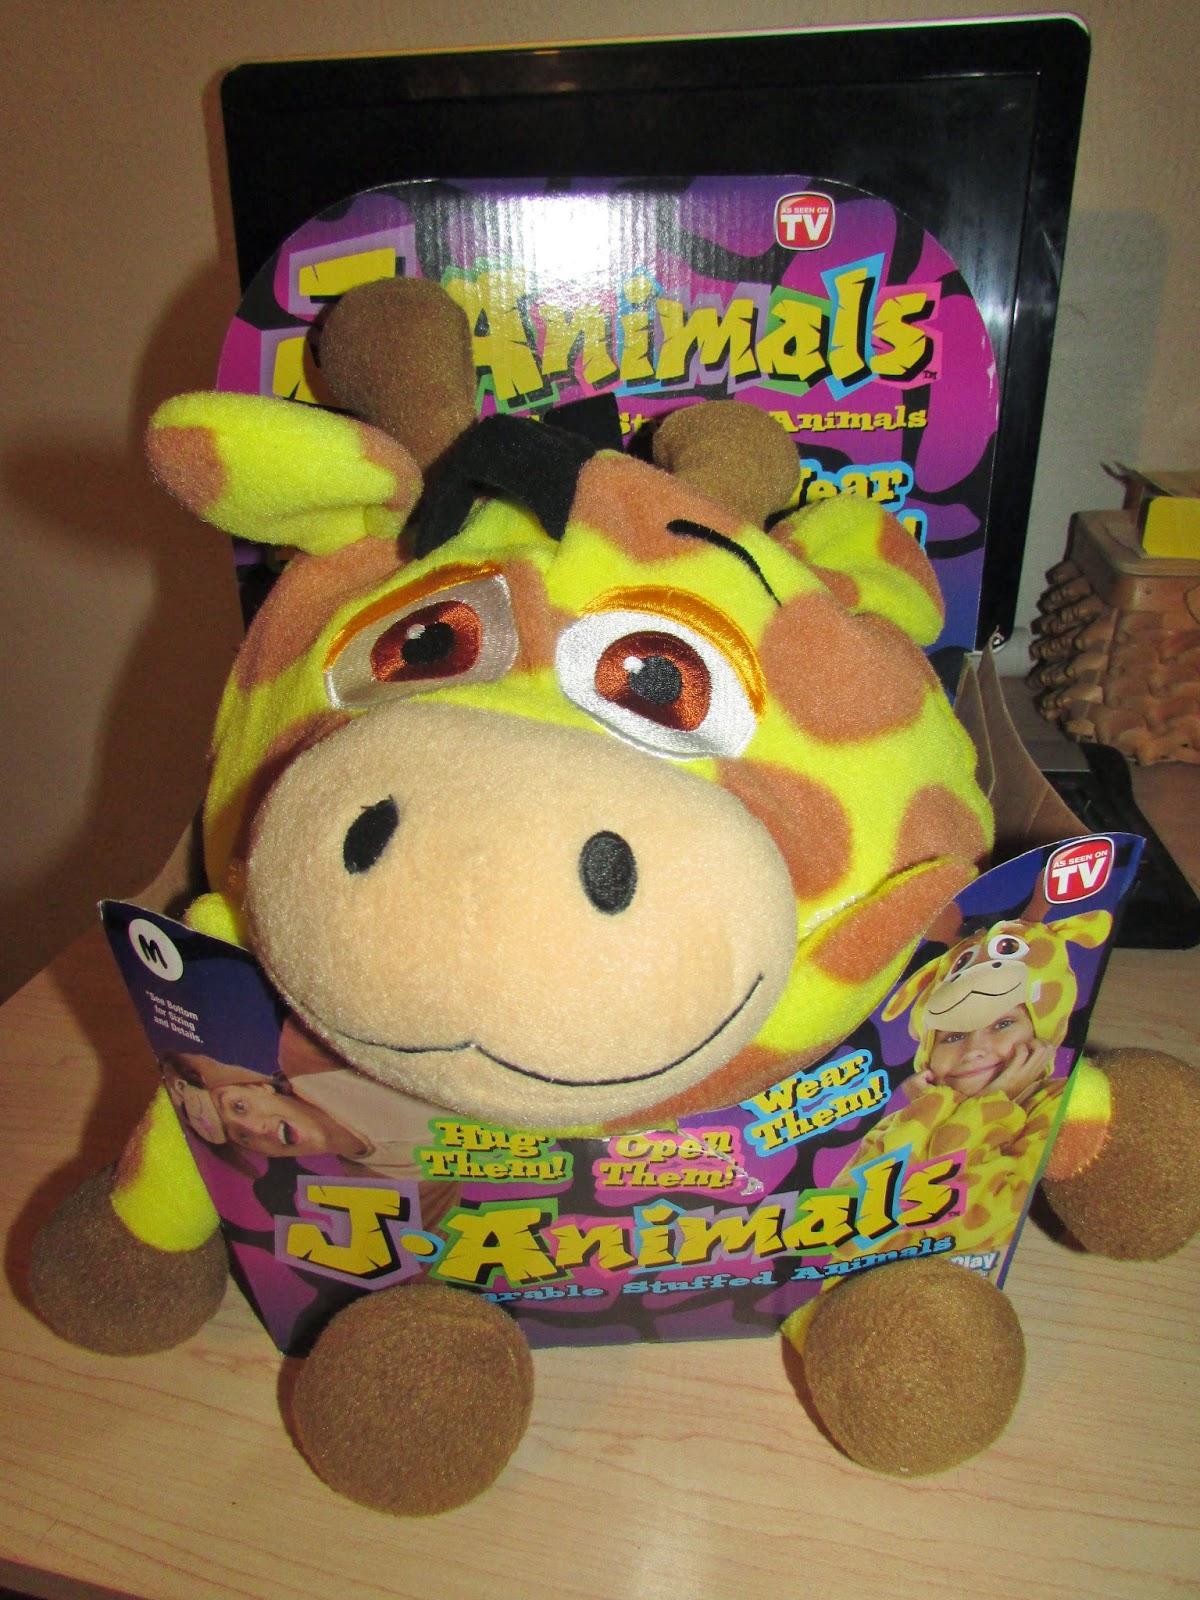 Janimals Wearable Stuffed Animals  As Seen on TV